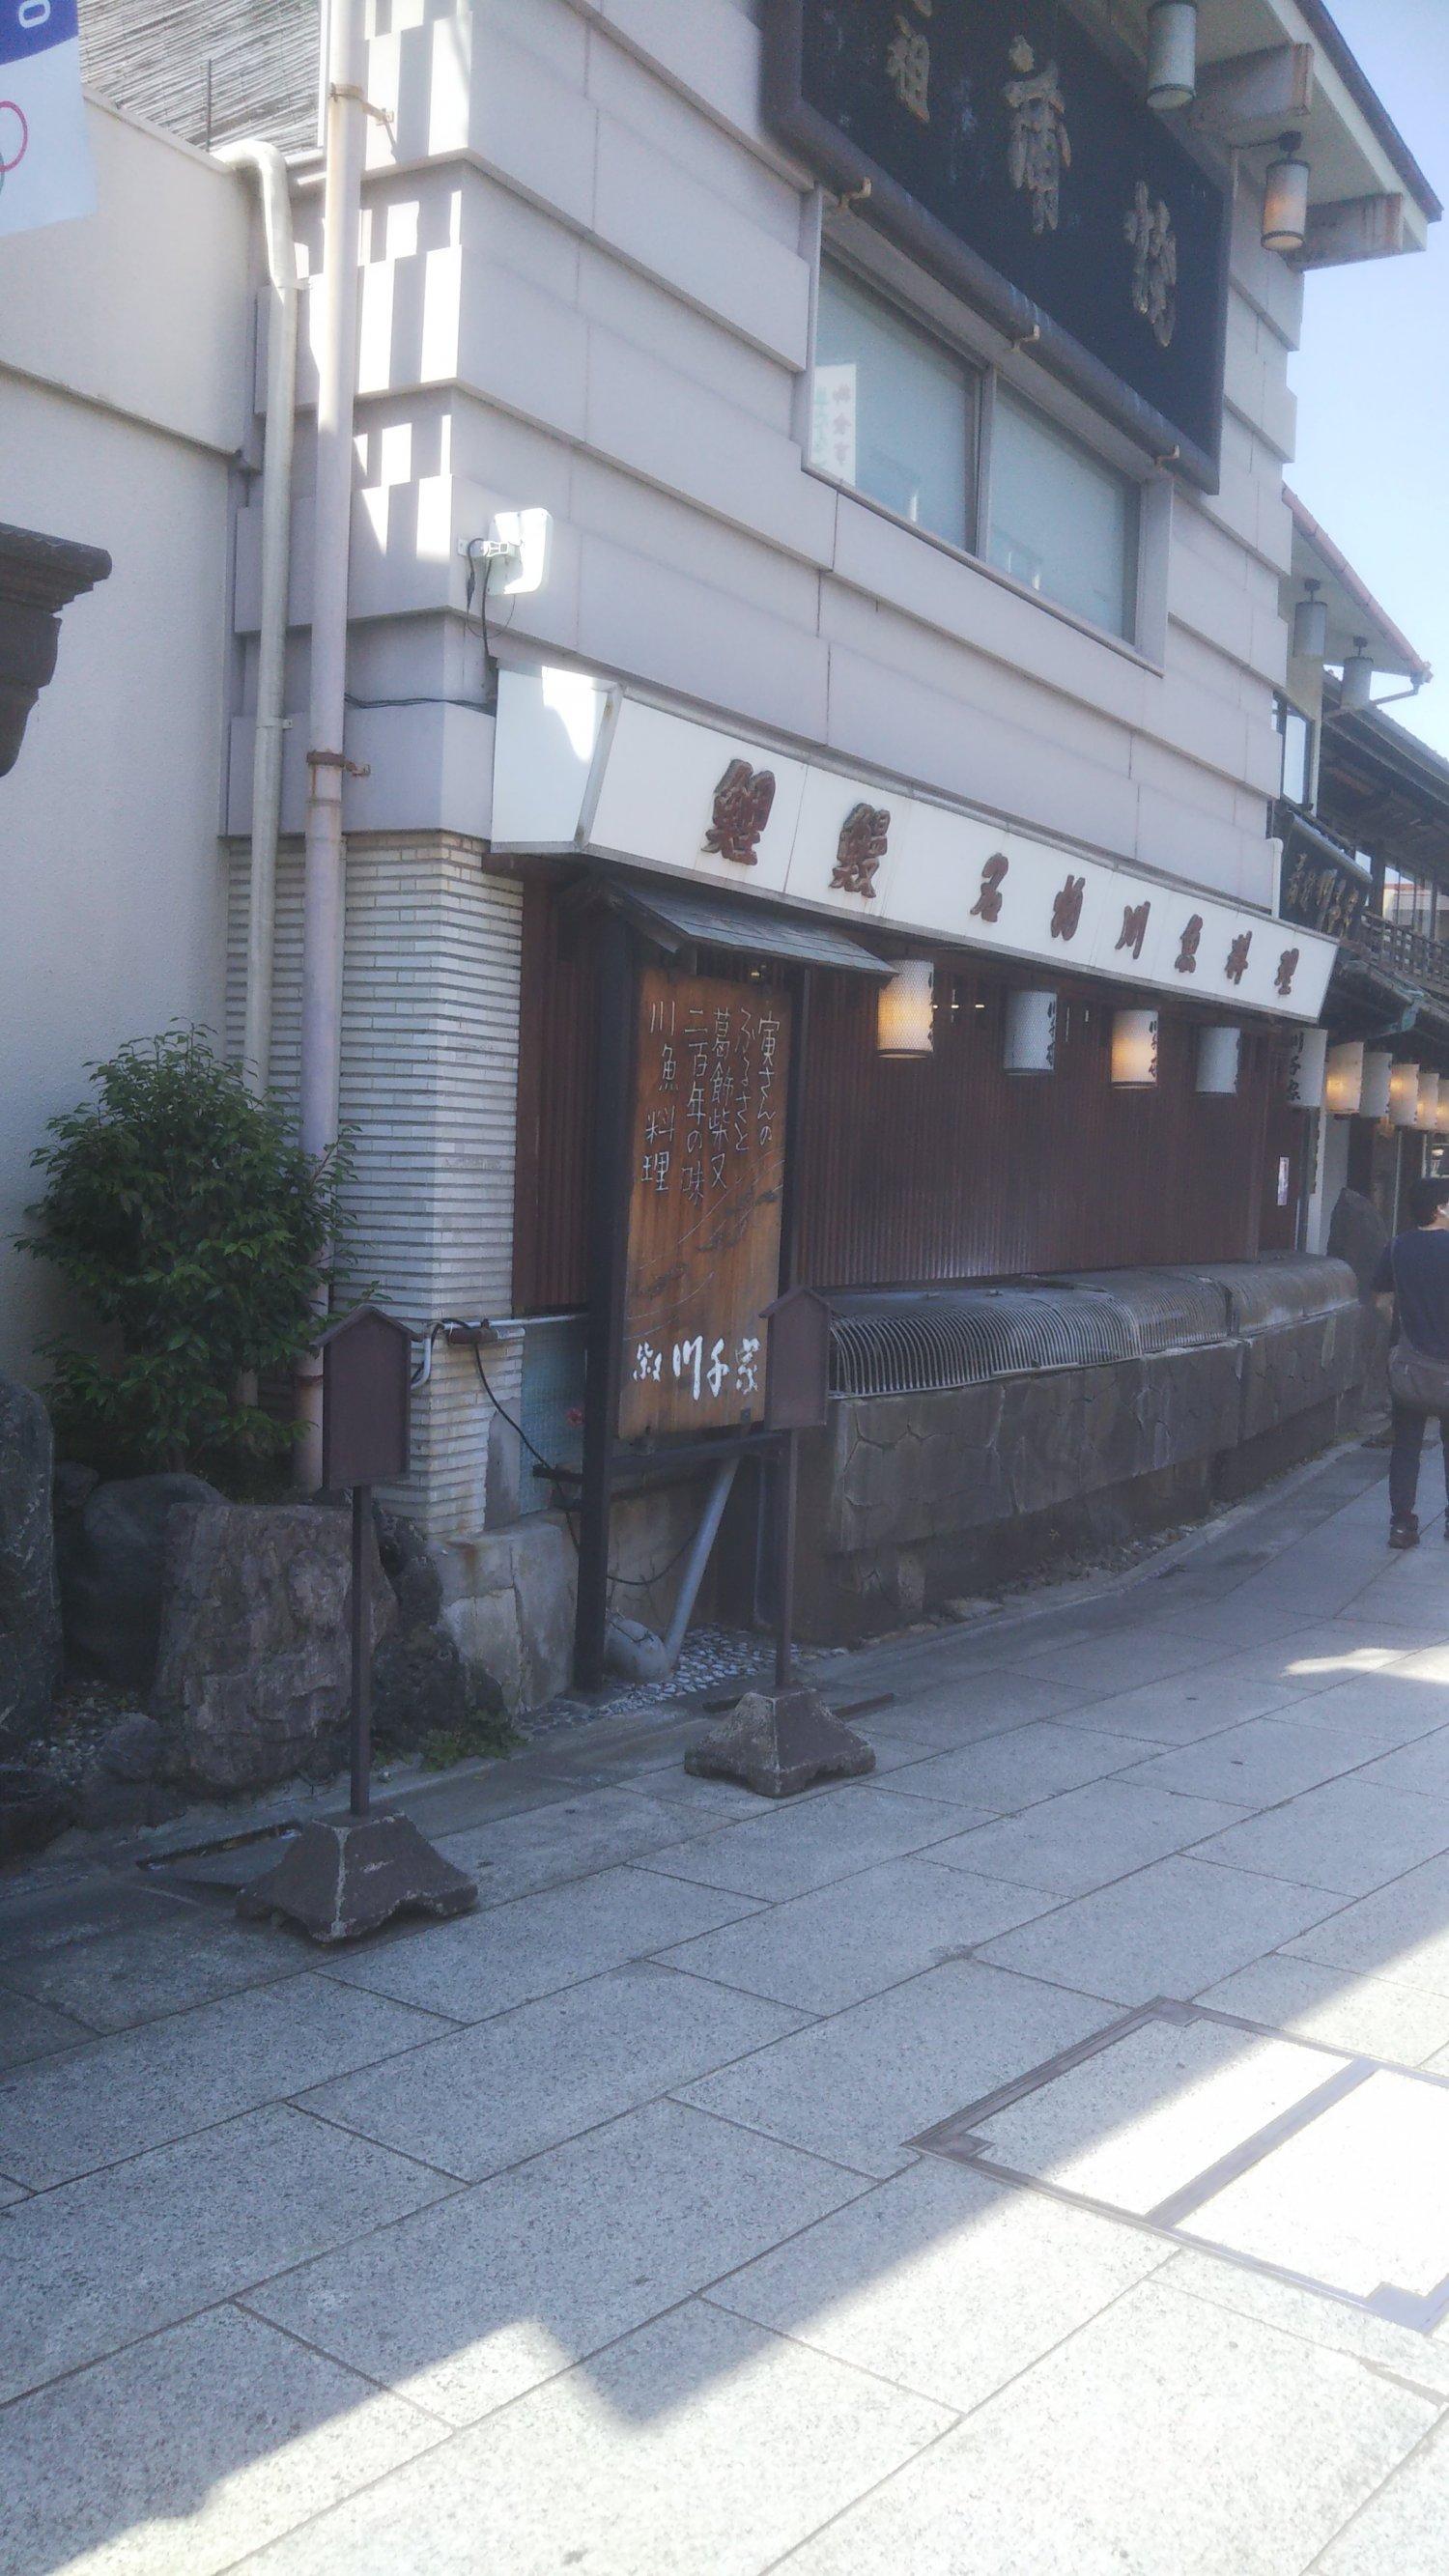 源公が裏ビデオ談義を交わしていた現場、帝釈天参道の川魚料理の老舗『川千屋』の軒先。一緒にいた面々は白衣を着てたので、同店の従業員か?